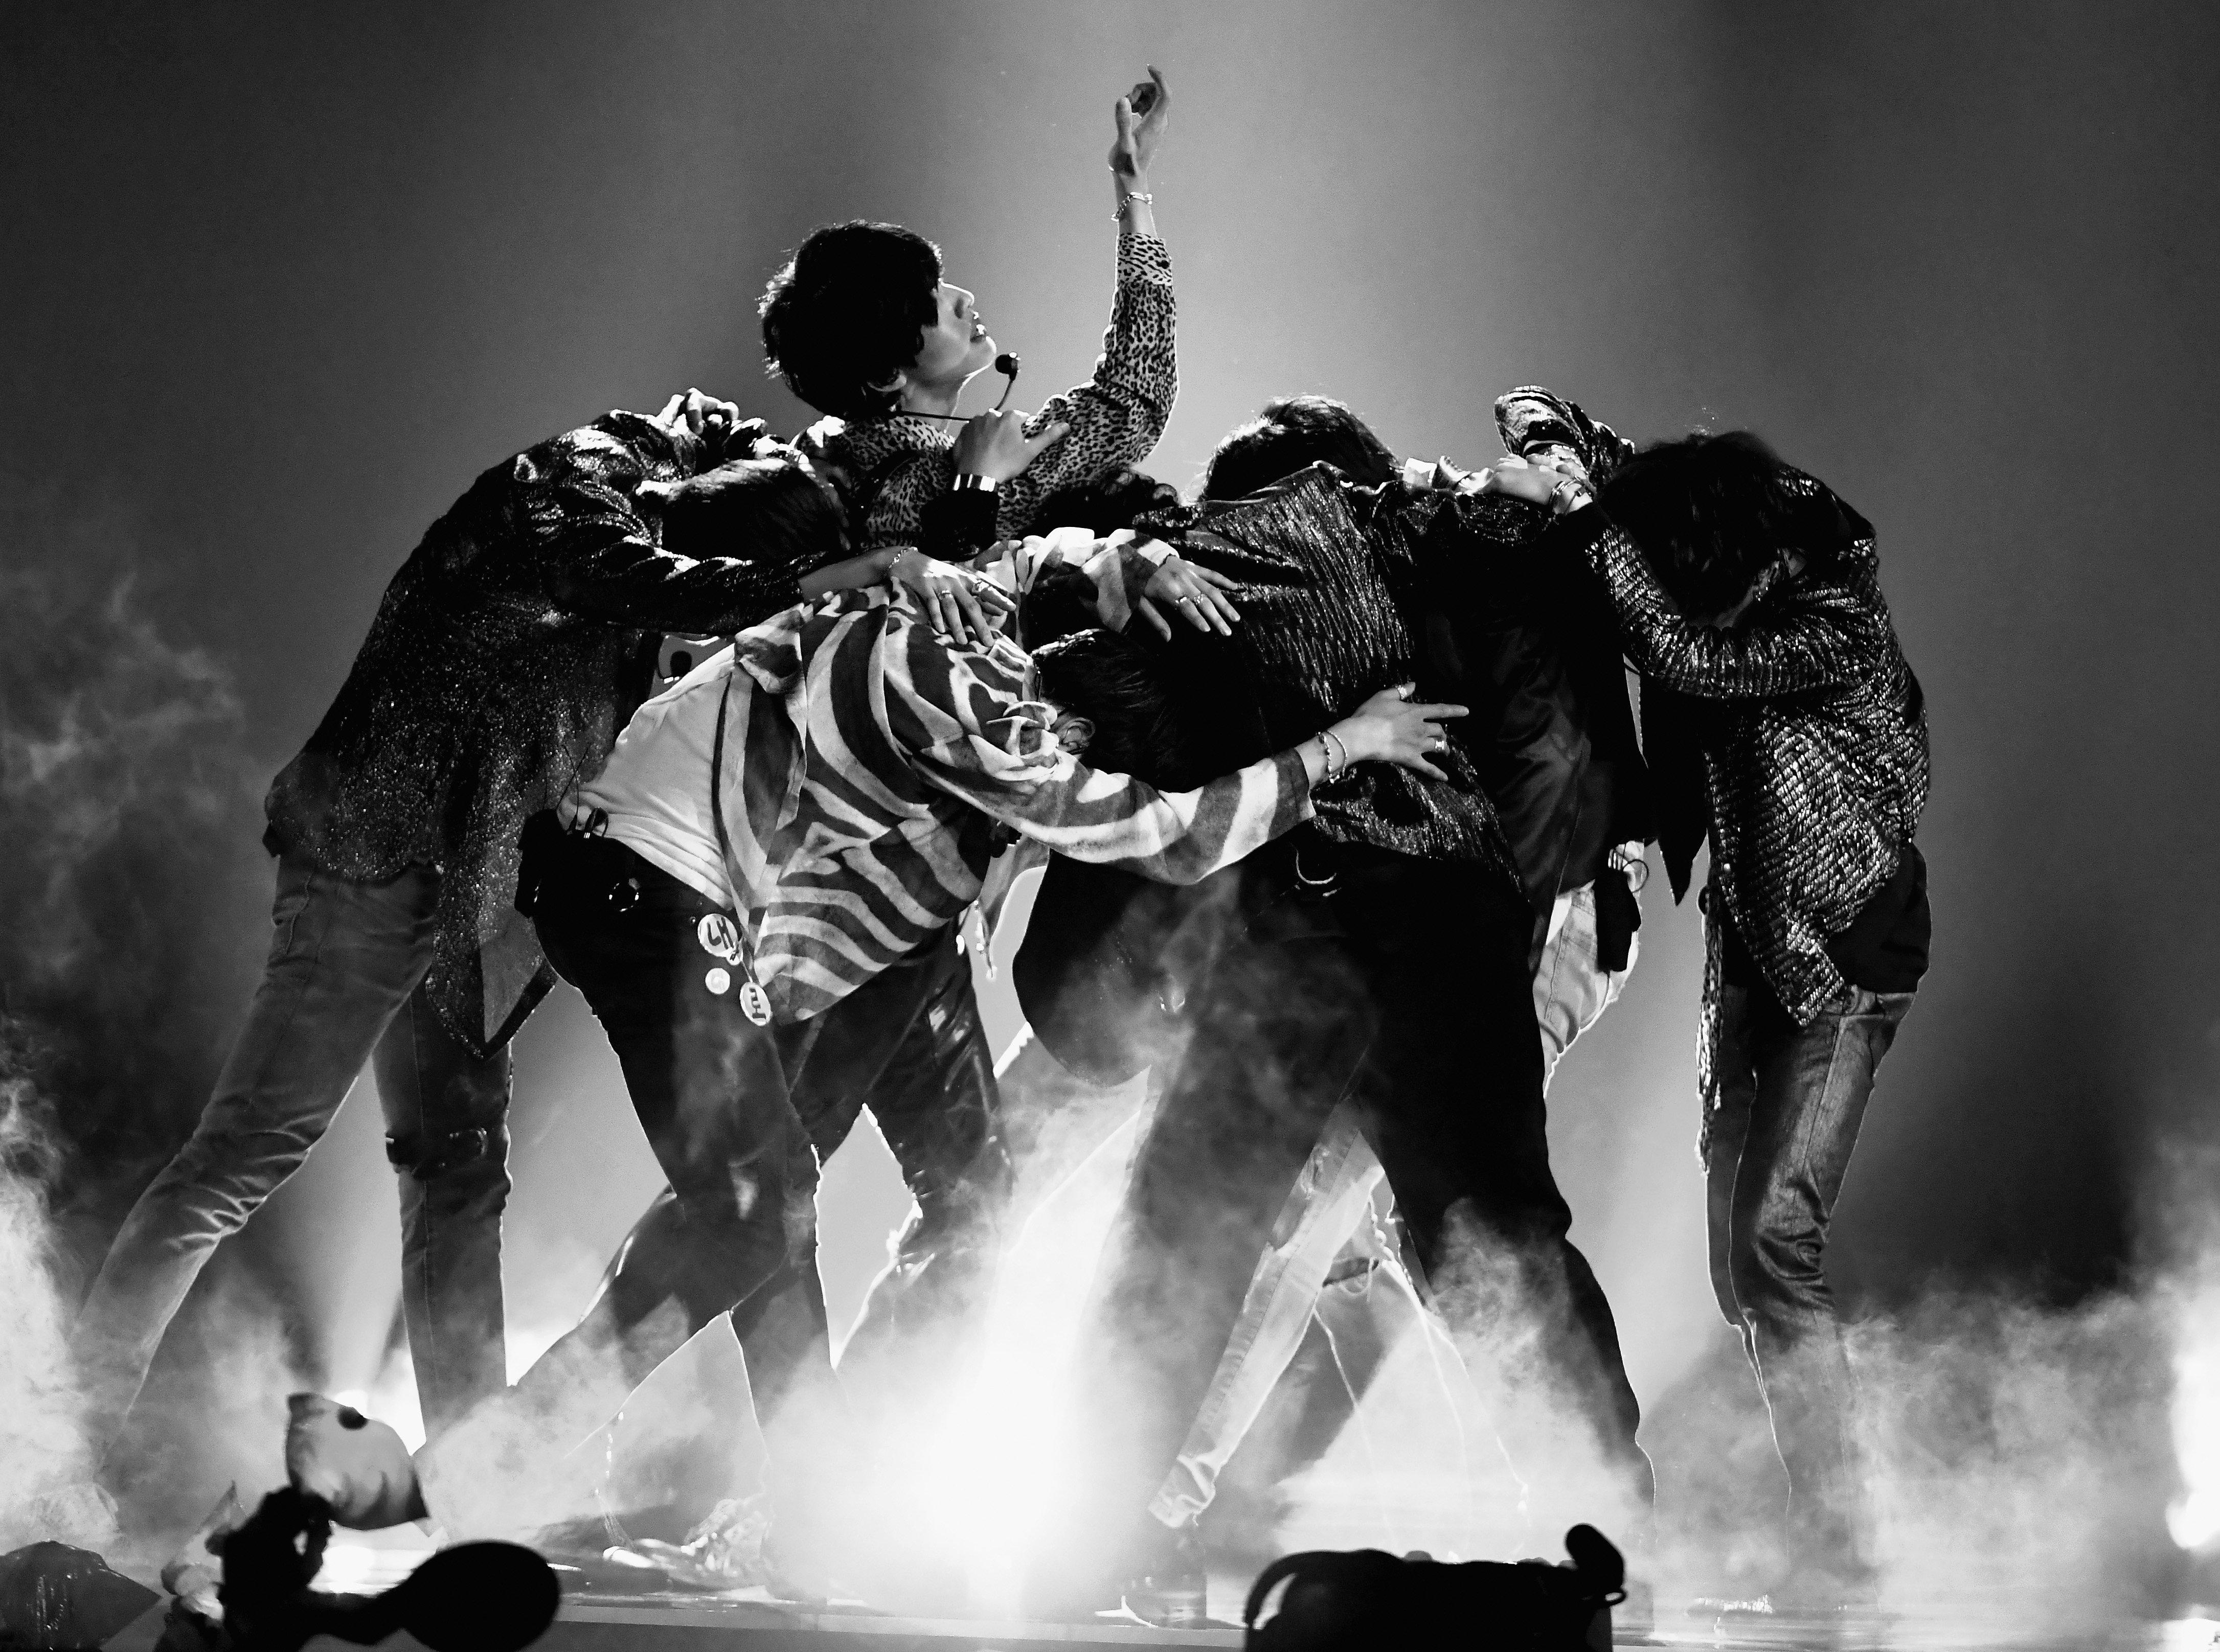 방탄소년단이 신곡 'Fake Love' 무대를 최초 공개했다